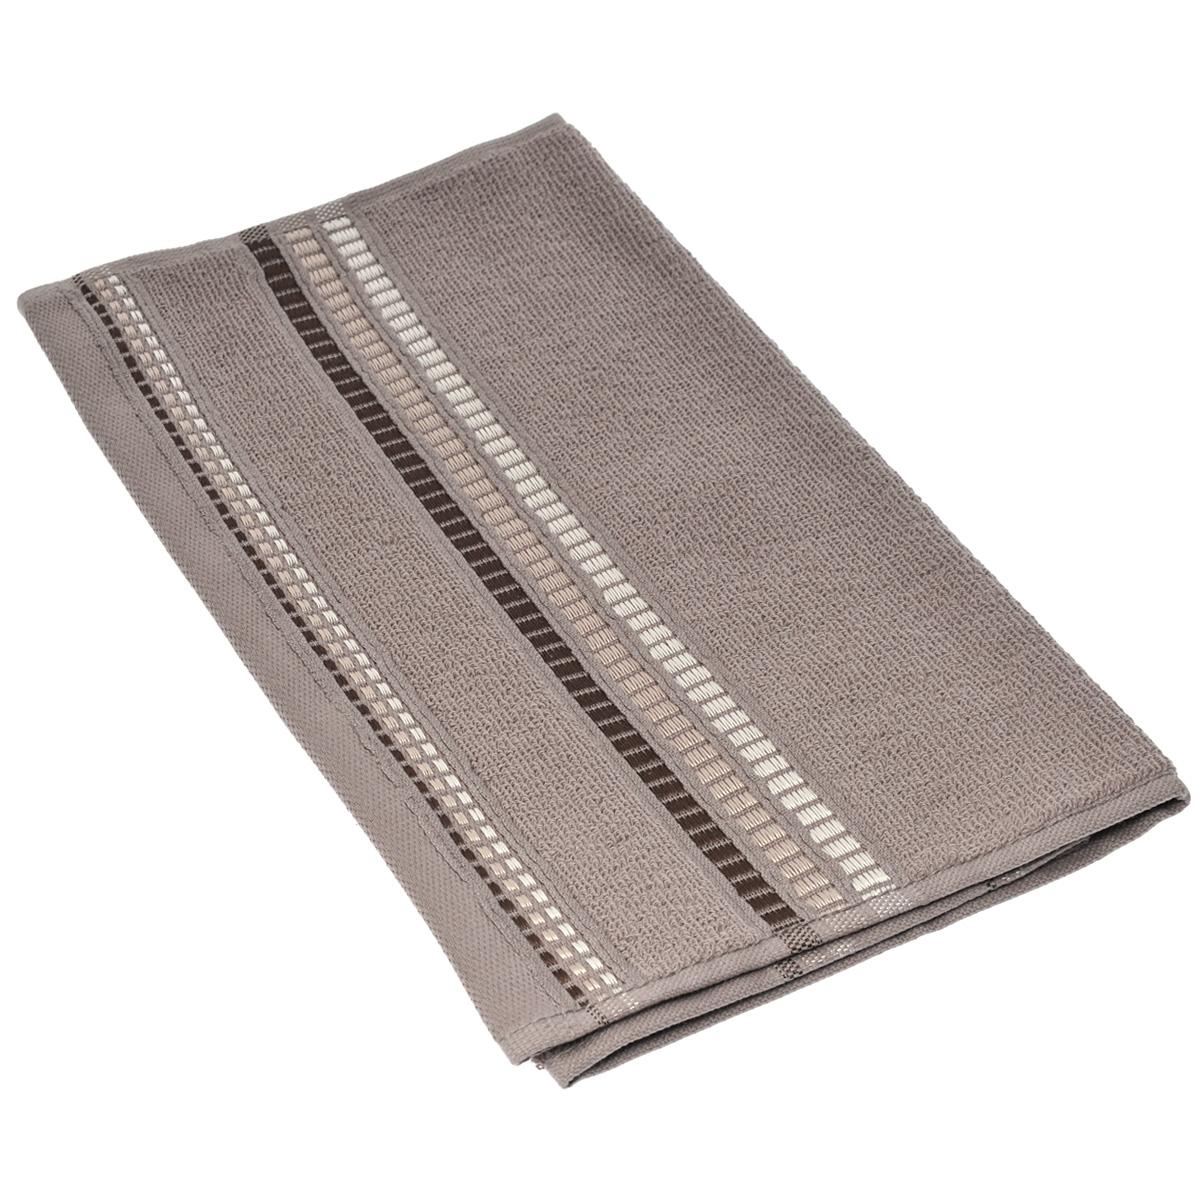 Полотенце махровое Coronet Пиано, цвет: светло-коричневый, 30 х 50 смБ-МП-2020-08-10Махровое полотенце Coronet Пиано, изготовленное из натурального хлопка, подарит массу положительных эмоций и приятных ощущений. Полотенце отличается нежностью и мягкостью материала, утонченным дизайном и превосходным качеством. Оно прекрасно впитывает влагу, быстро сохнет и не теряет своих свойств после многократных стирок. Махровое полотенце Coronet Пиано станет достойным выбором для вас и приятным подарком для ваших близких. Мягкость и высокое качество материала, из которого изготовлены полотенца не оставит вас равнодушными.